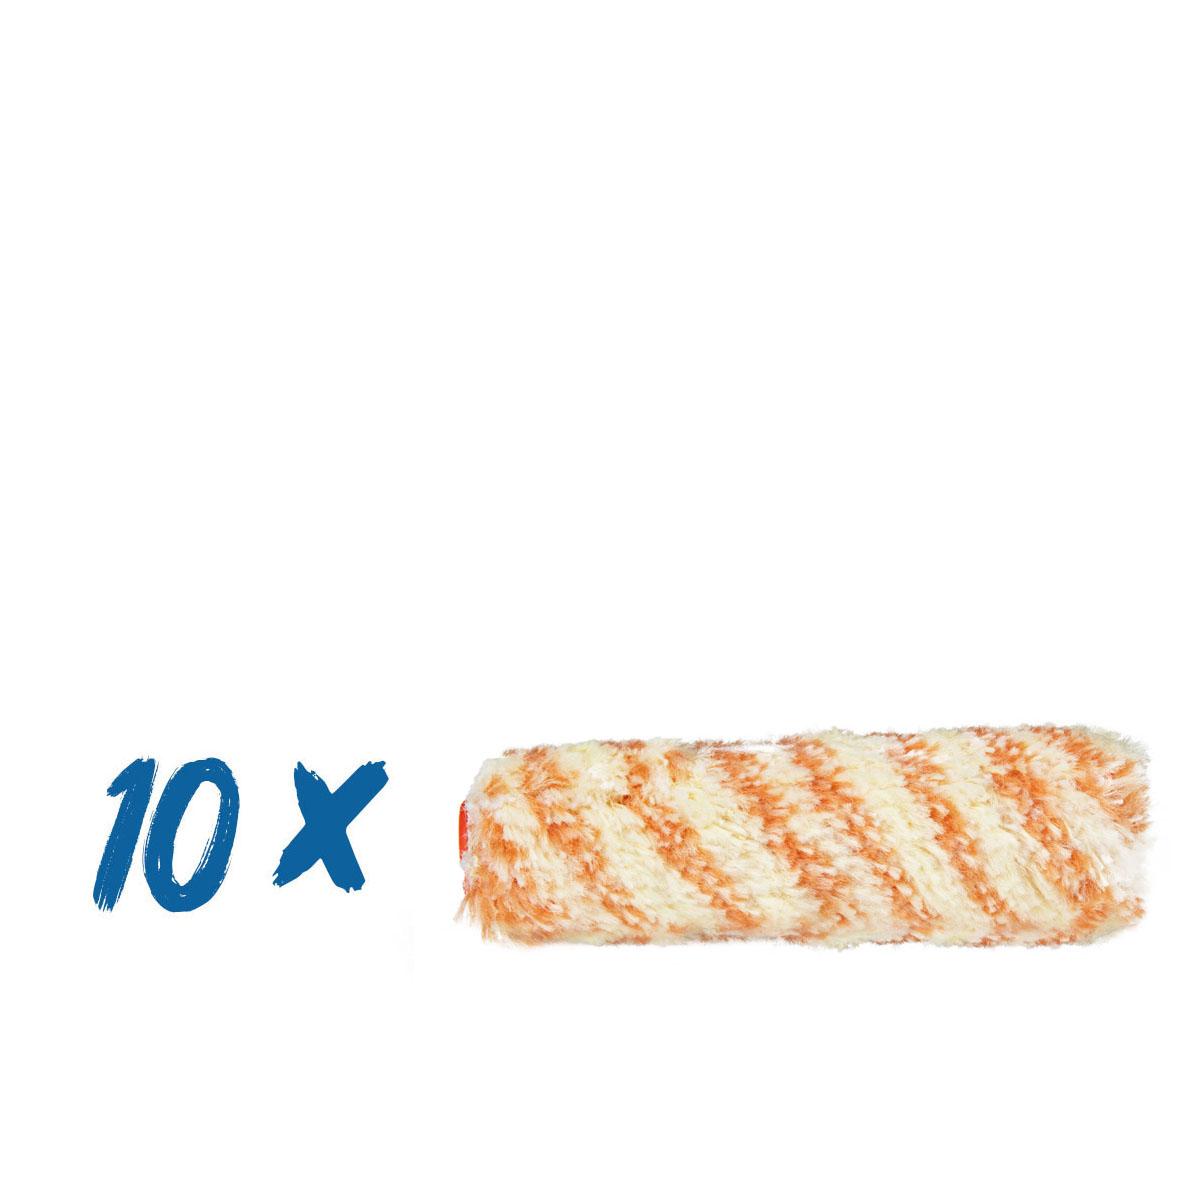 10 x Friess Heizkörperwalze Malerstreif 10 cm, 12mm Flor #F6111550